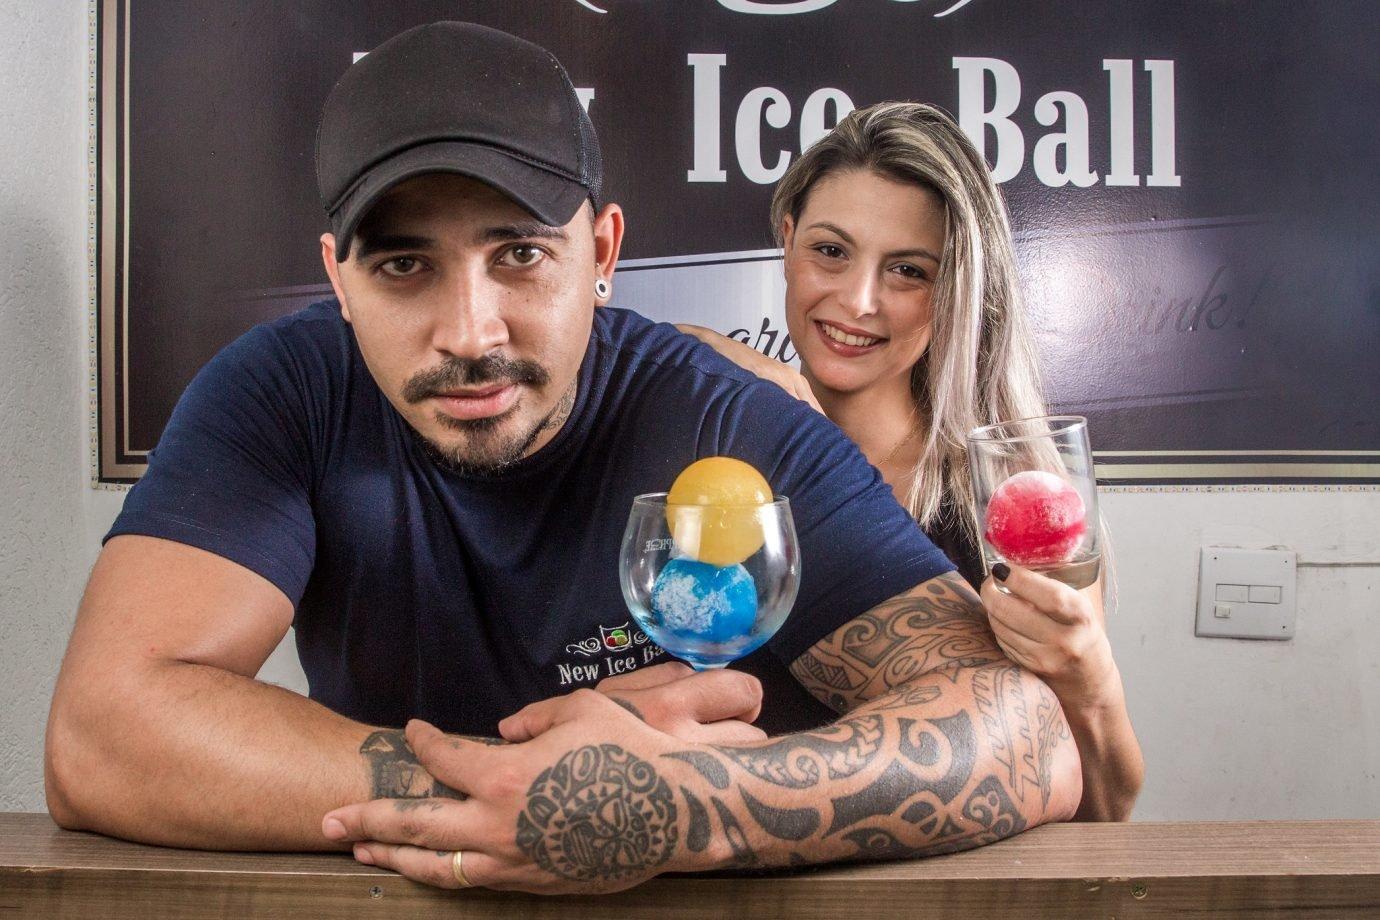 Emerson e Micheli Araujo Fontanarosa: eles são casados e deixaram os empregos para se dedicarem ao empreendedorismo e montaram a New Ice Bar, empresa de gelos saborizados